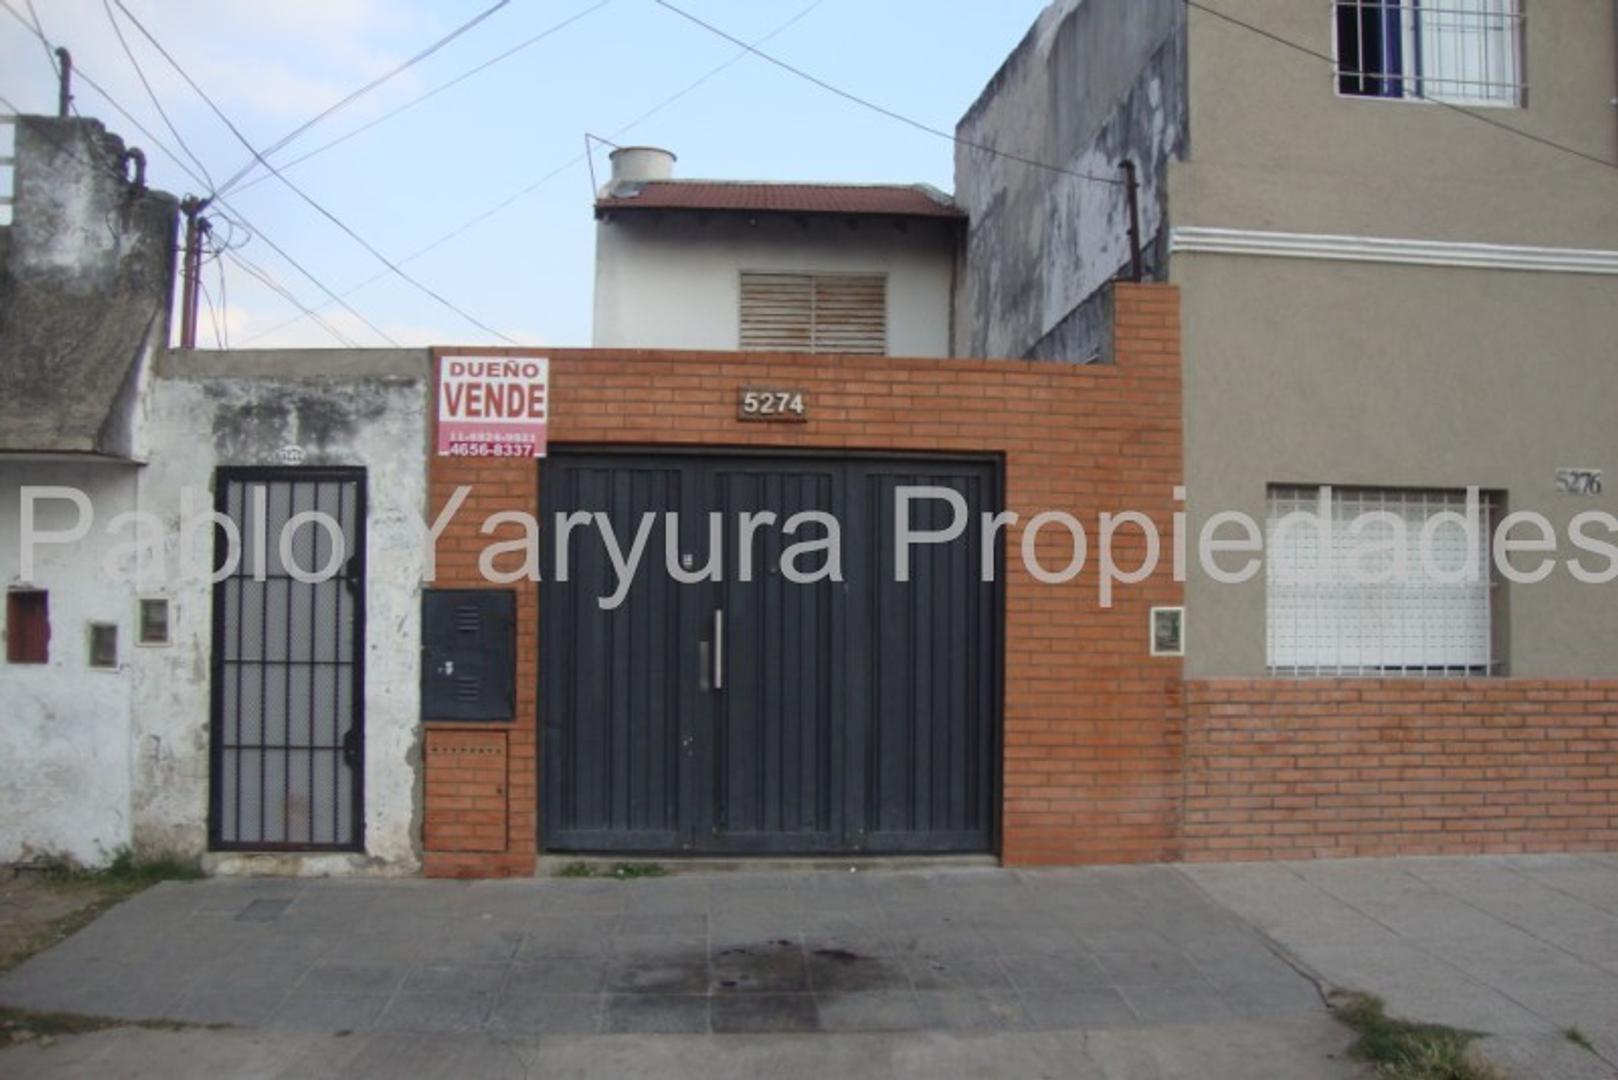 XINTEL(YAR-YA1-11110) Departamento Tipo Casa - Venta - Argentina, Tres de Febrero - LINARES, G. 5274